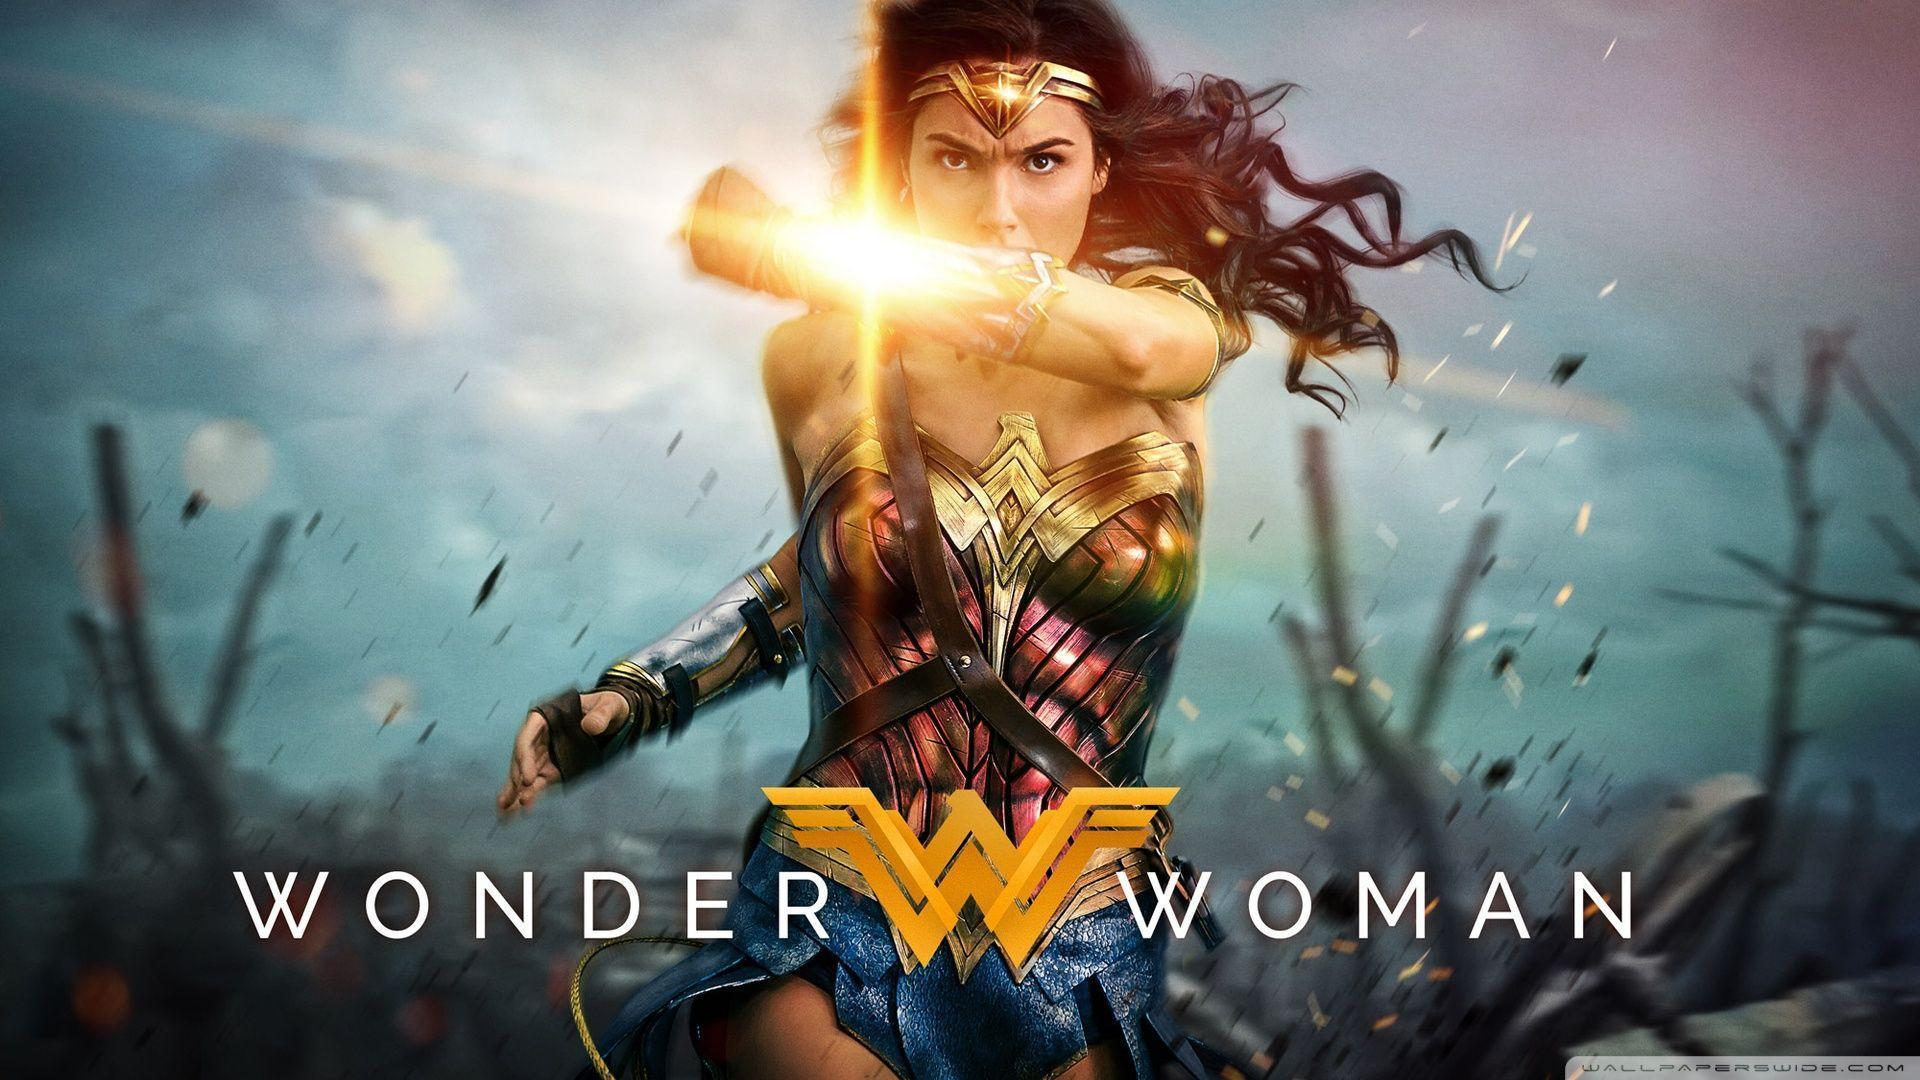 Wonder Woman 2017 Movie Wallpapers: Wonder Woman 2017 Wallpapers